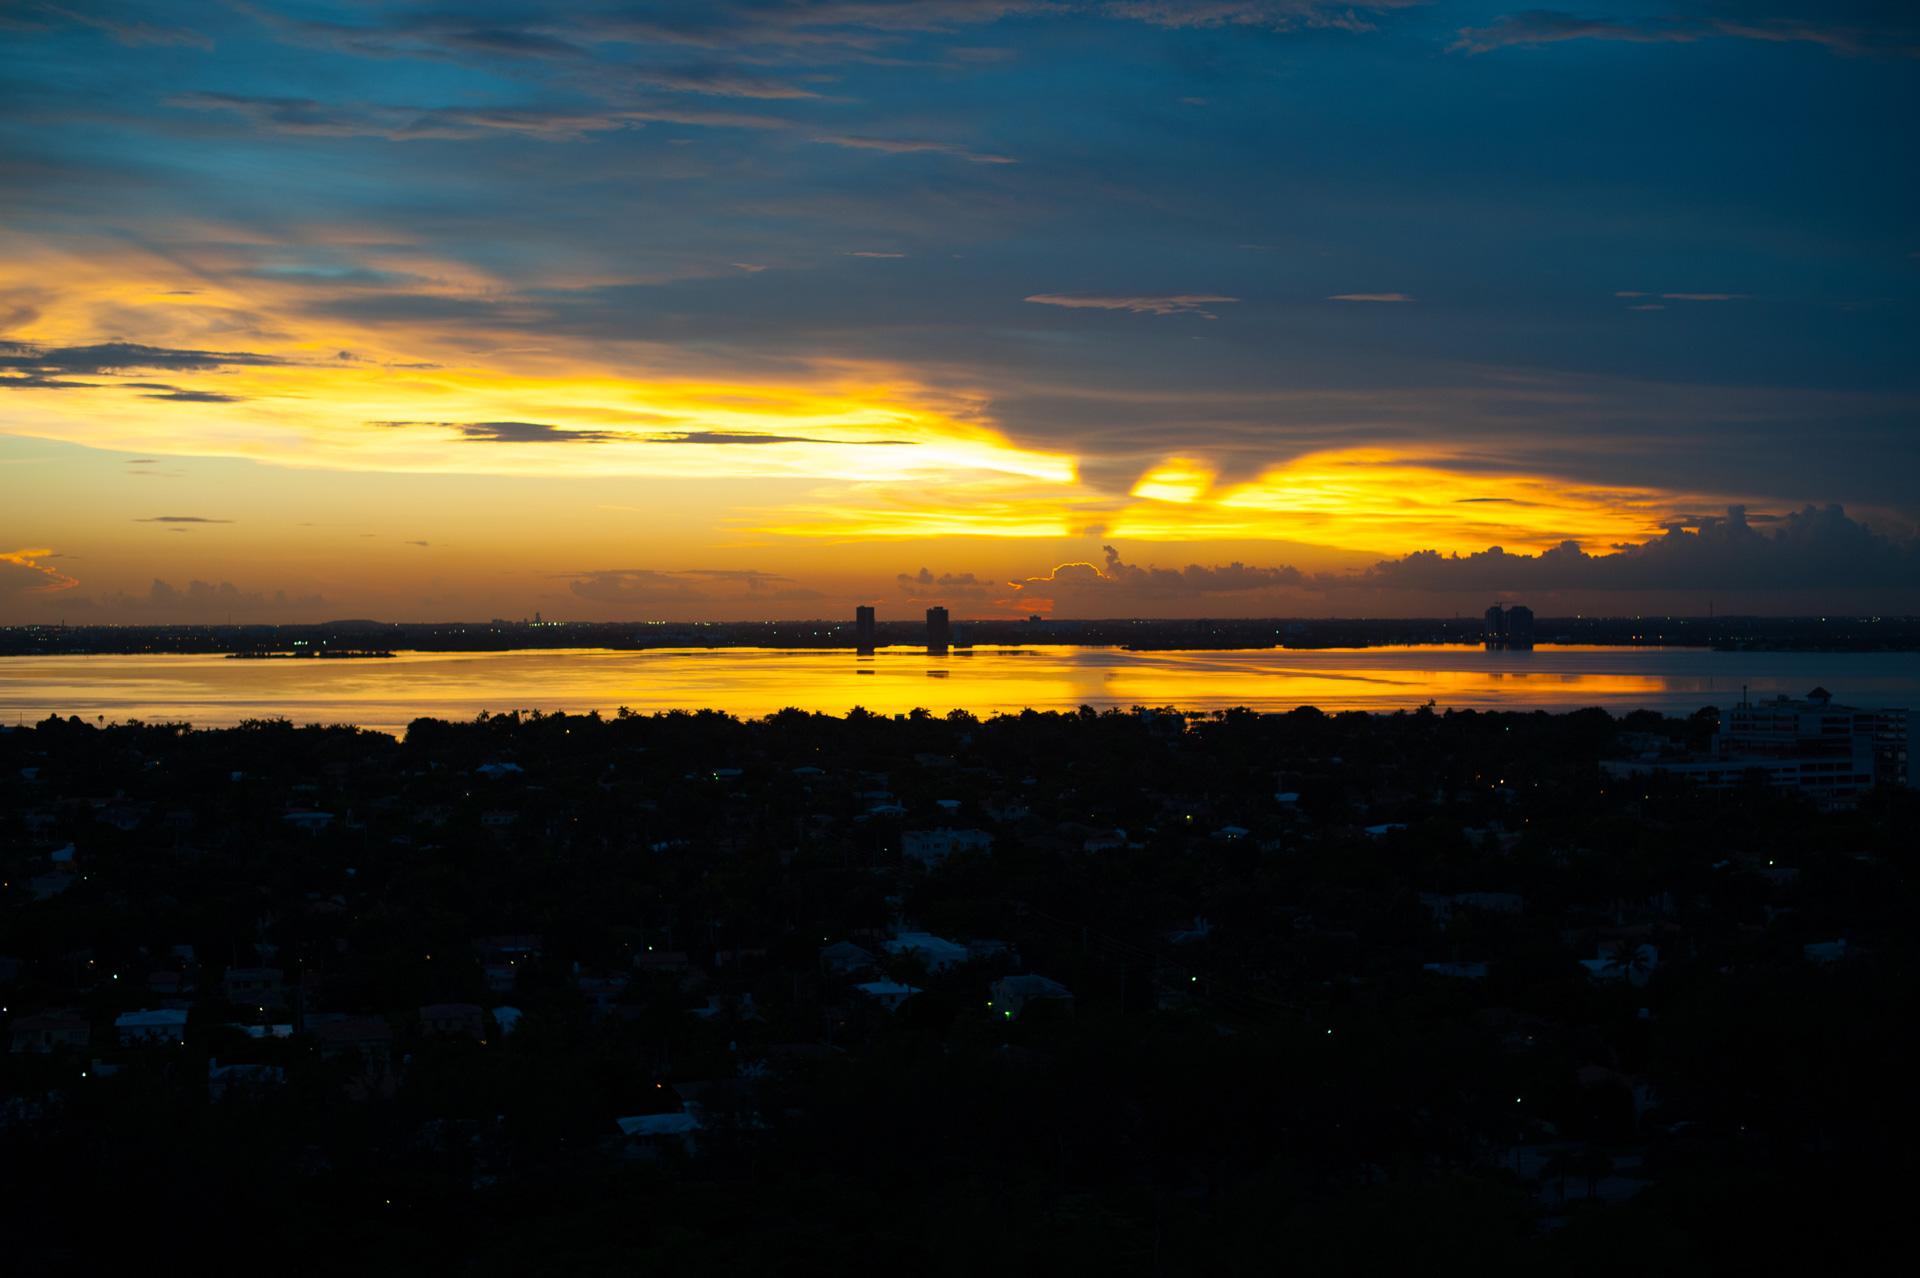 Lever de soleil sur Miami Beach. Photo Gérard Perez